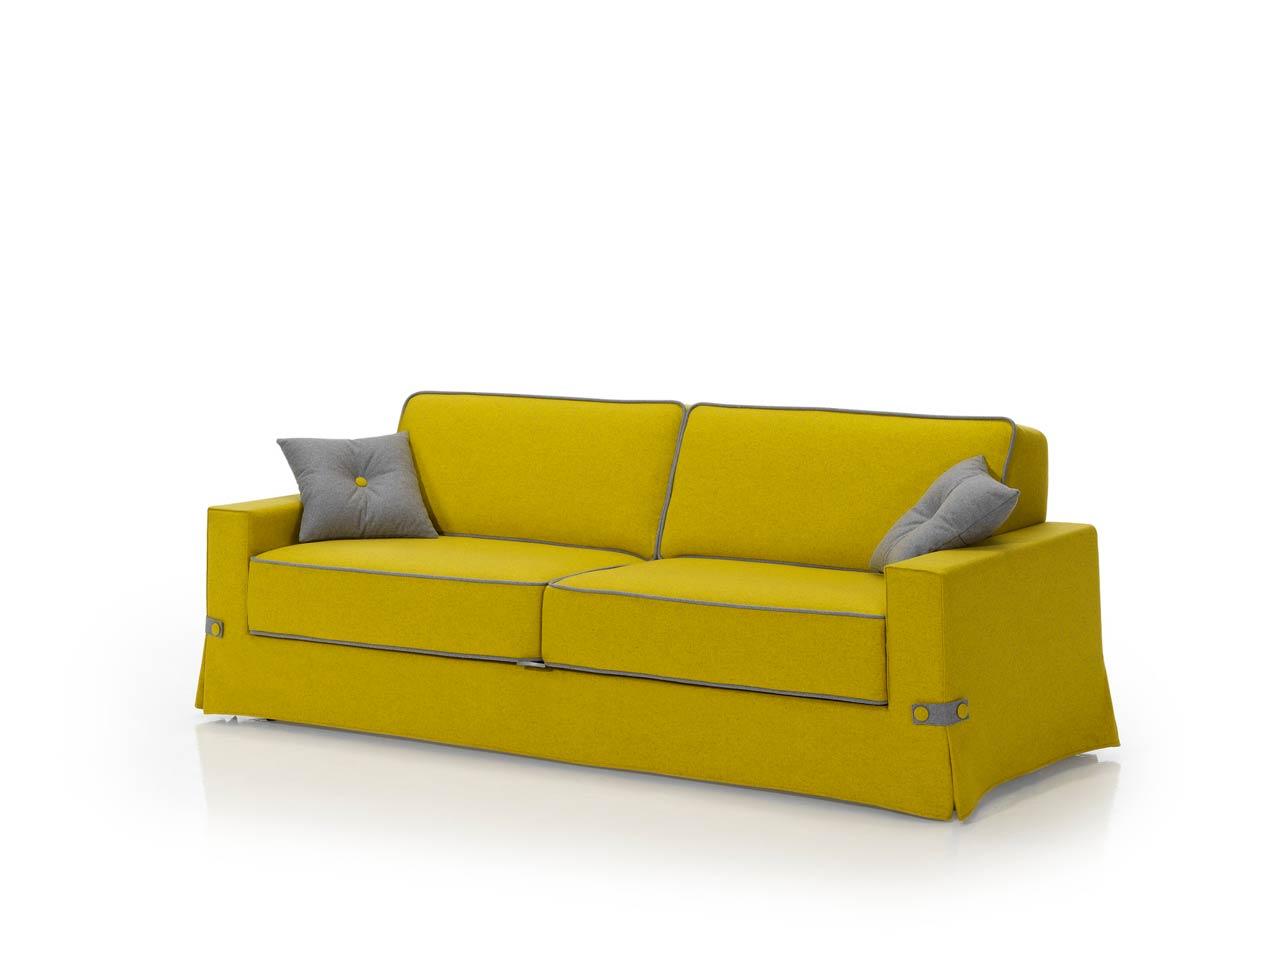 Comprar sofas cama nido for Sofa cama nido barato